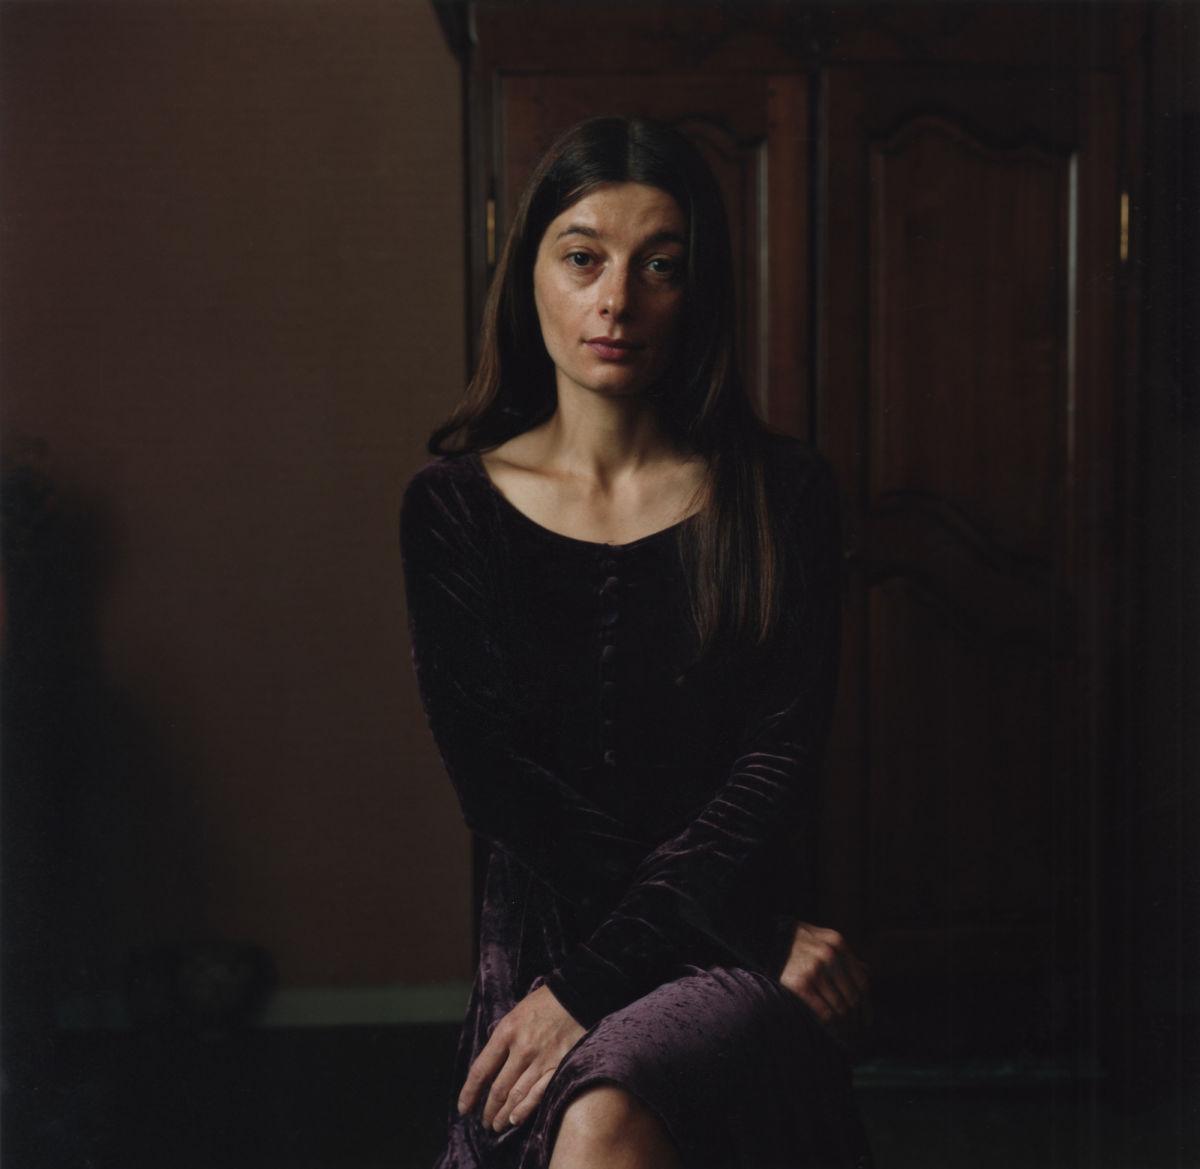 Sans-titre, 2000 de Constant anée, de la collection des 135 images mettant en scène Isabelle Mège.